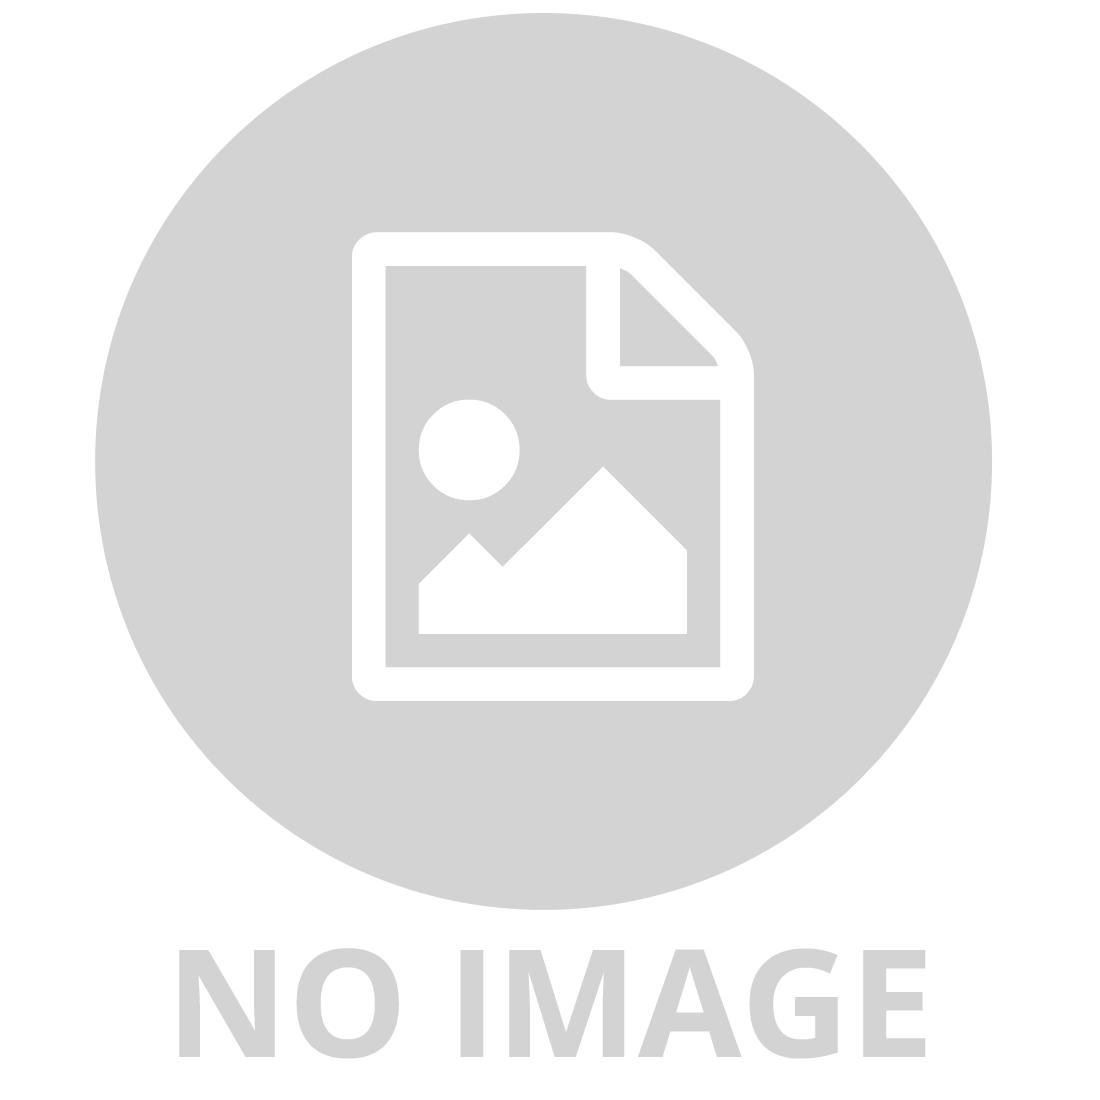 HUMBROL ALL PURPOSE AIR BRUSH